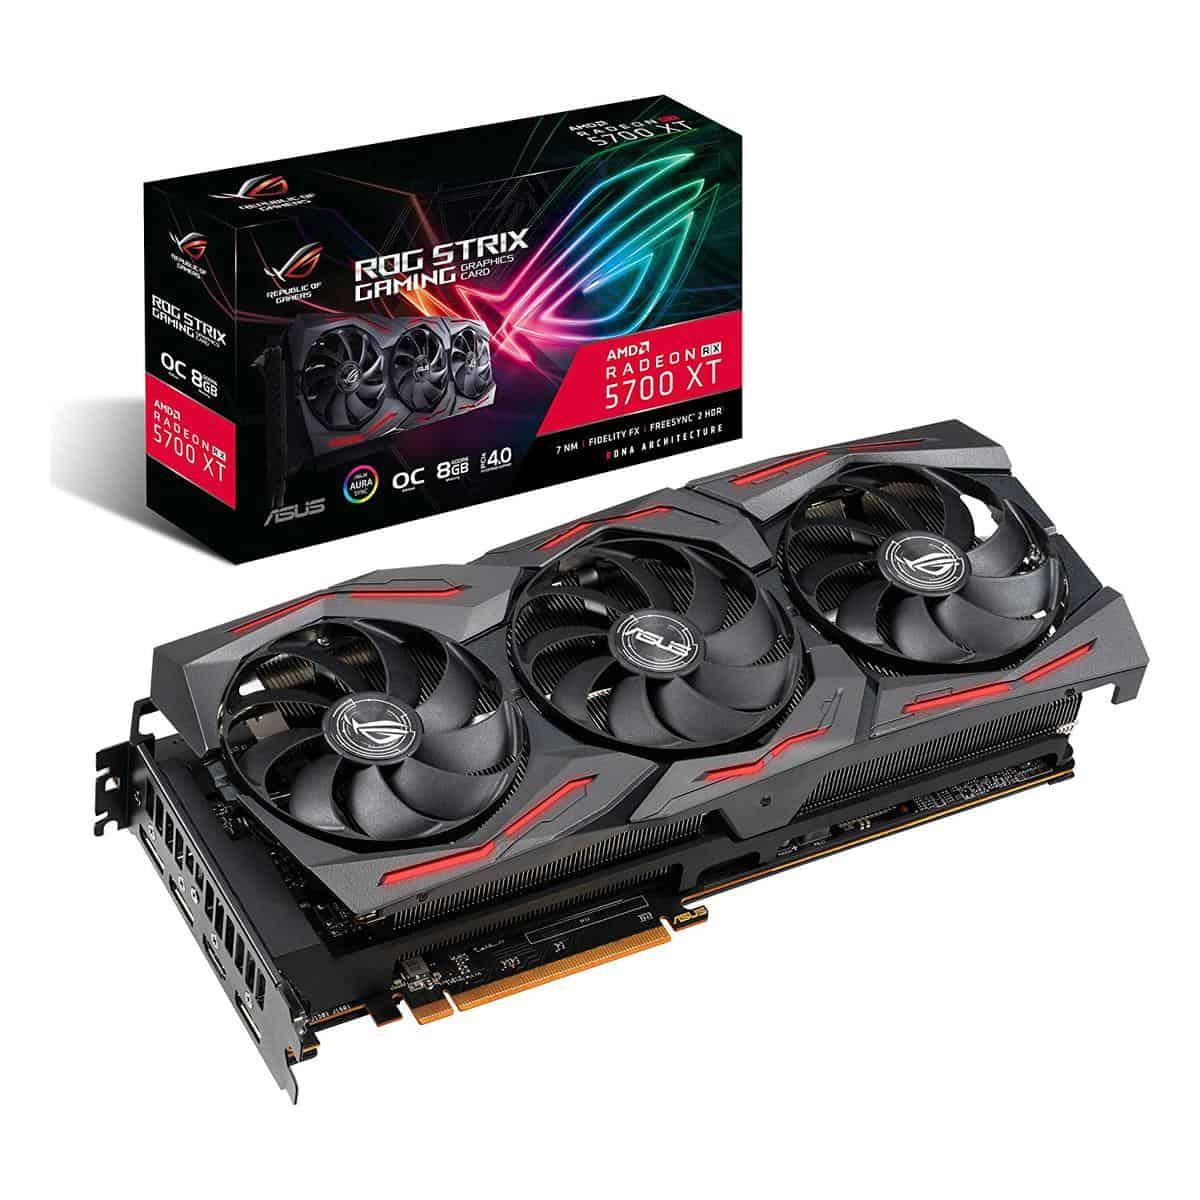 ASUS ROG Strix RX 5700 XT O8G Gaming